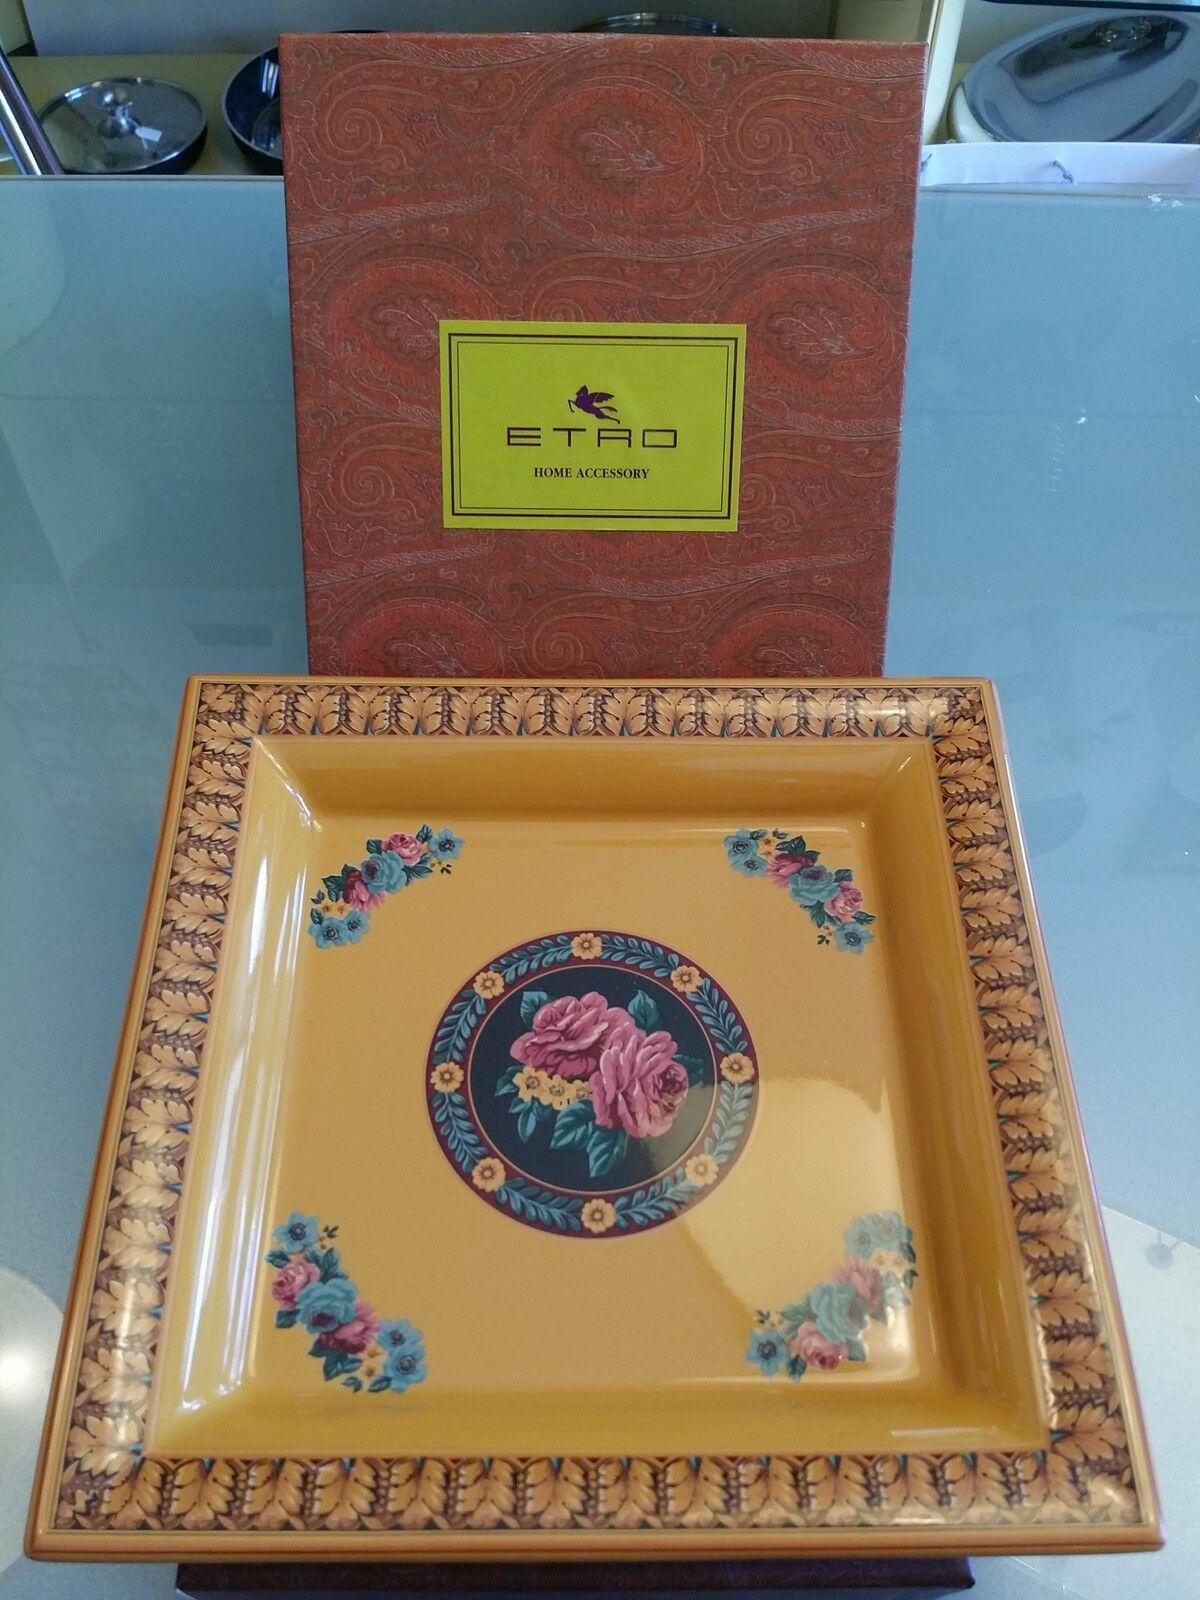 Etro Porcelaine - Vides Poches - Céramique - Accueil Accessory - Poches Plateau 762882